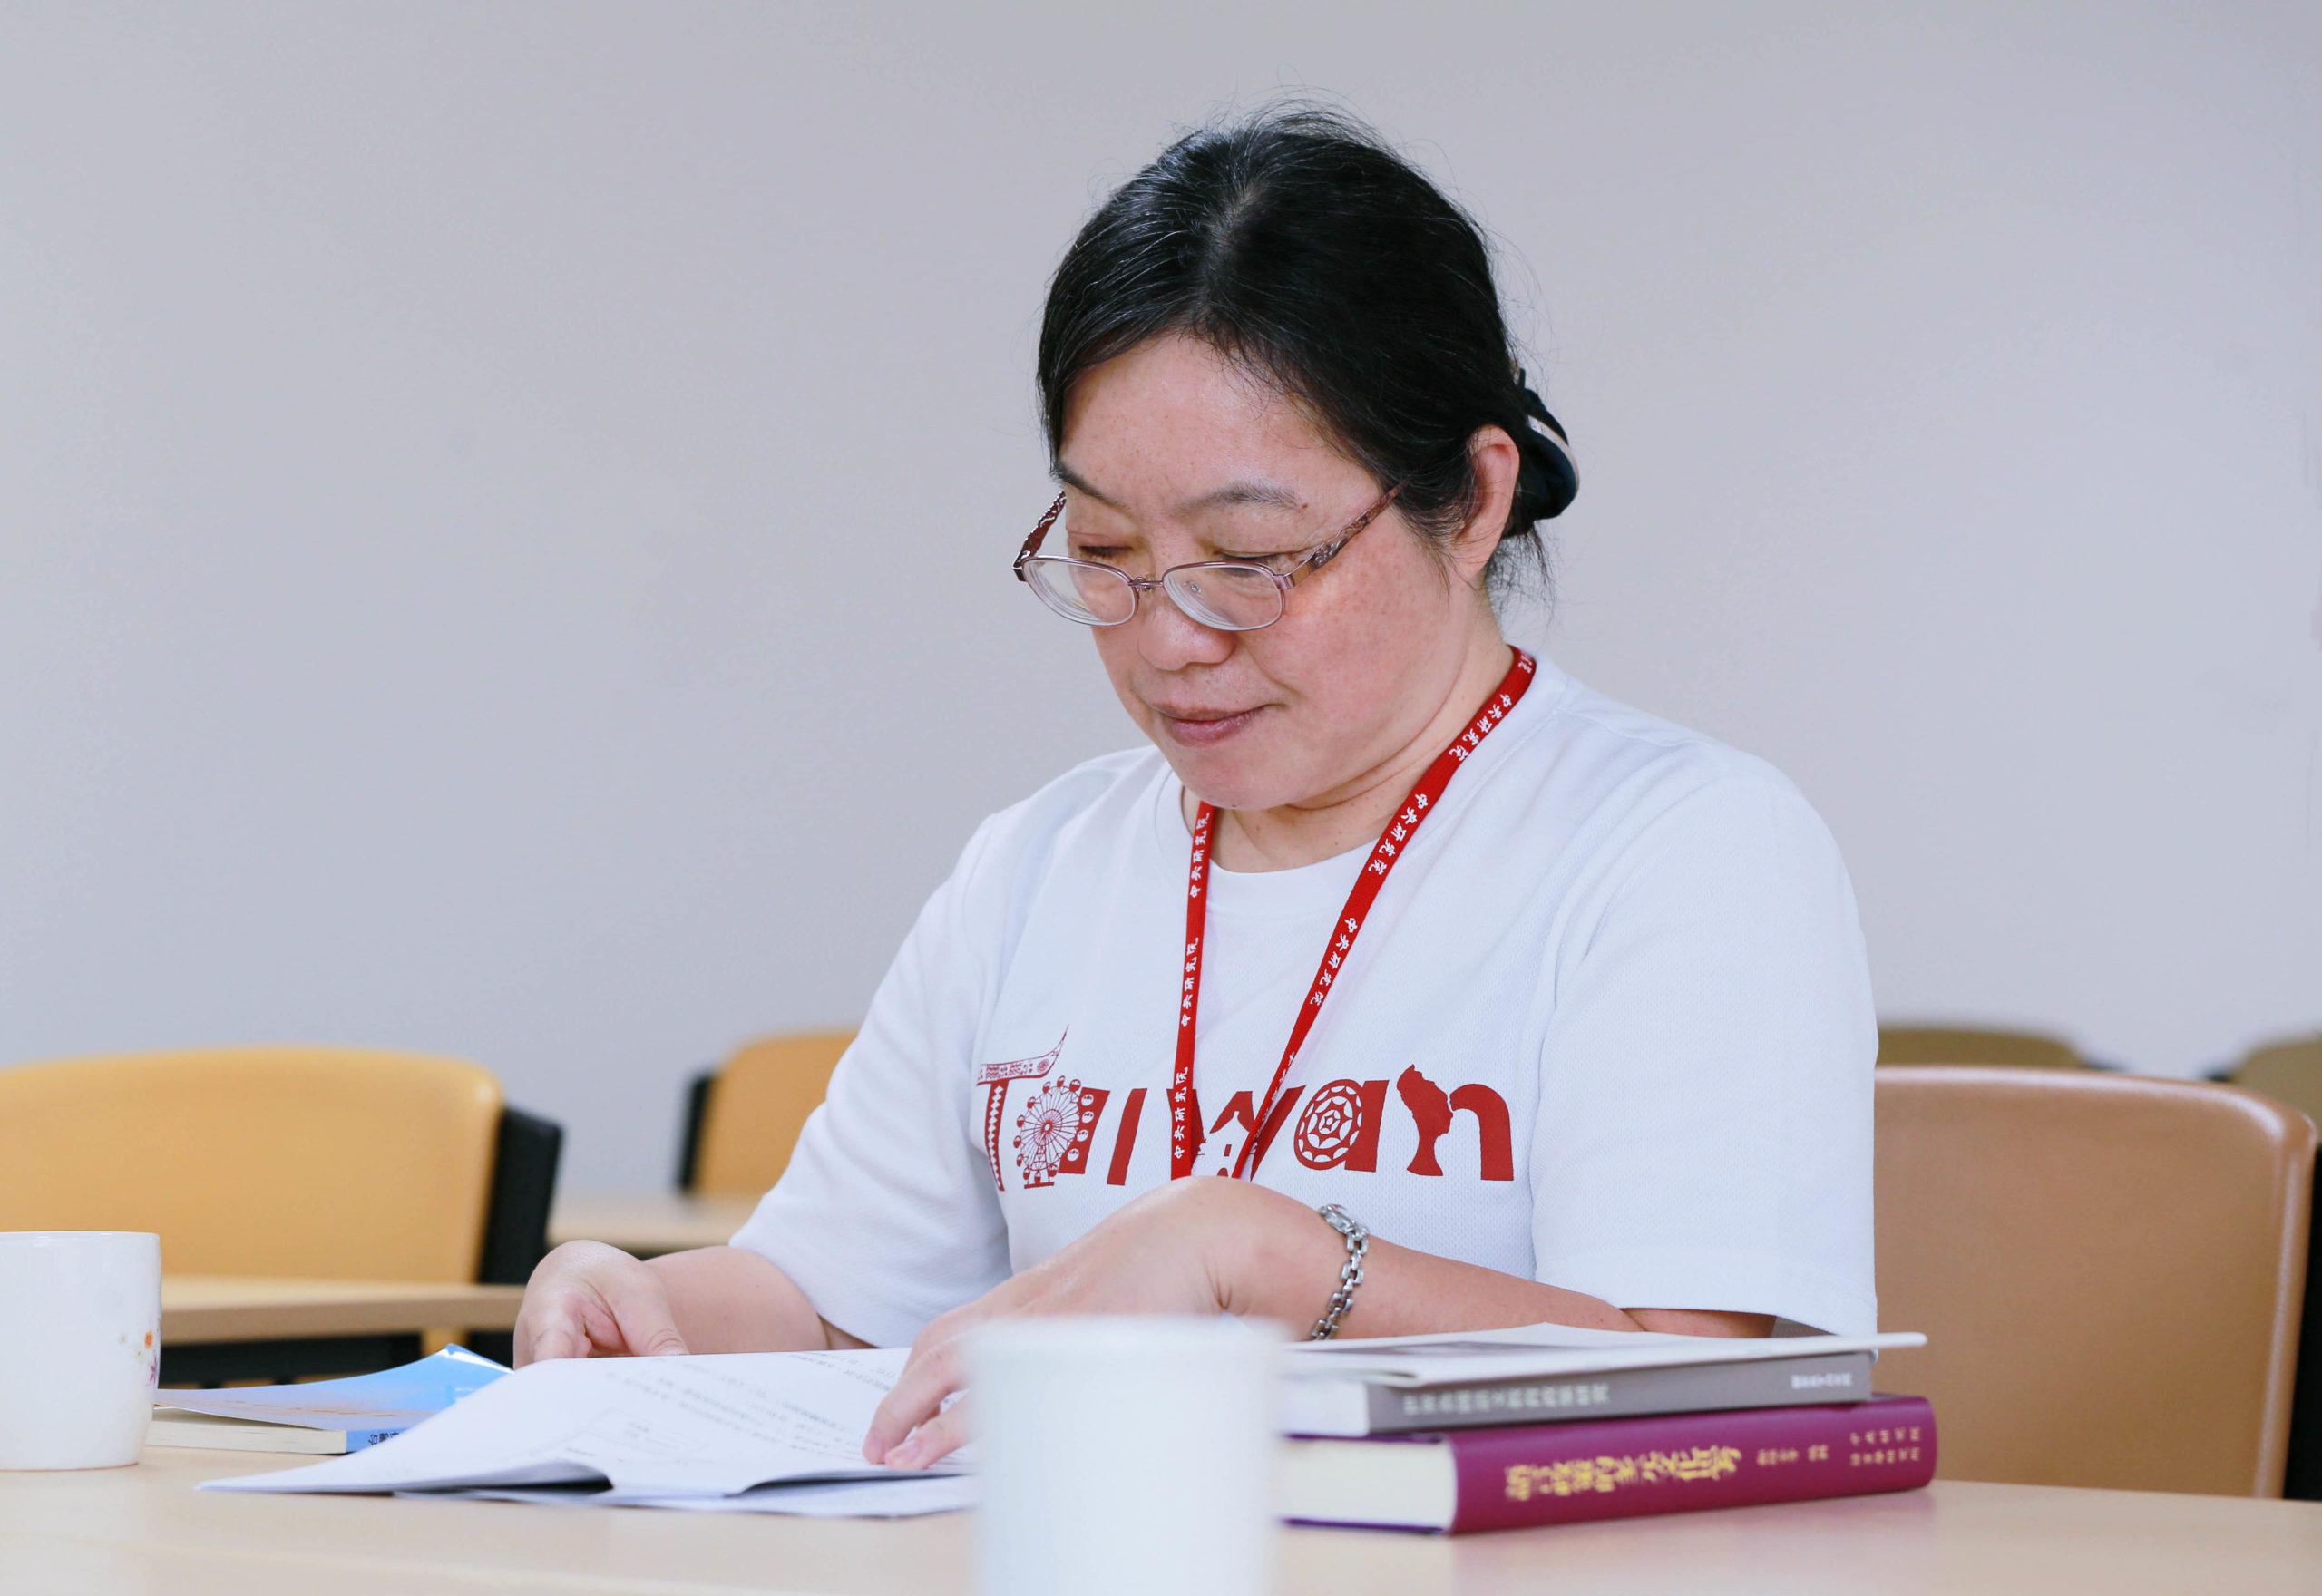 「我的研究動機很簡單,為什麼我的母語都沒有人研究?」碩士、博士論文都是研究閩南語,蕭素英說,研究母語最大好處就是能掌握細微語義差別。她帶孩子念故事書,也會用閩南語來講,讓孩子知道漢字也可以用閩南語來念,因為「語言傳承,就是要創造接觸的環境。」圖│研之有物